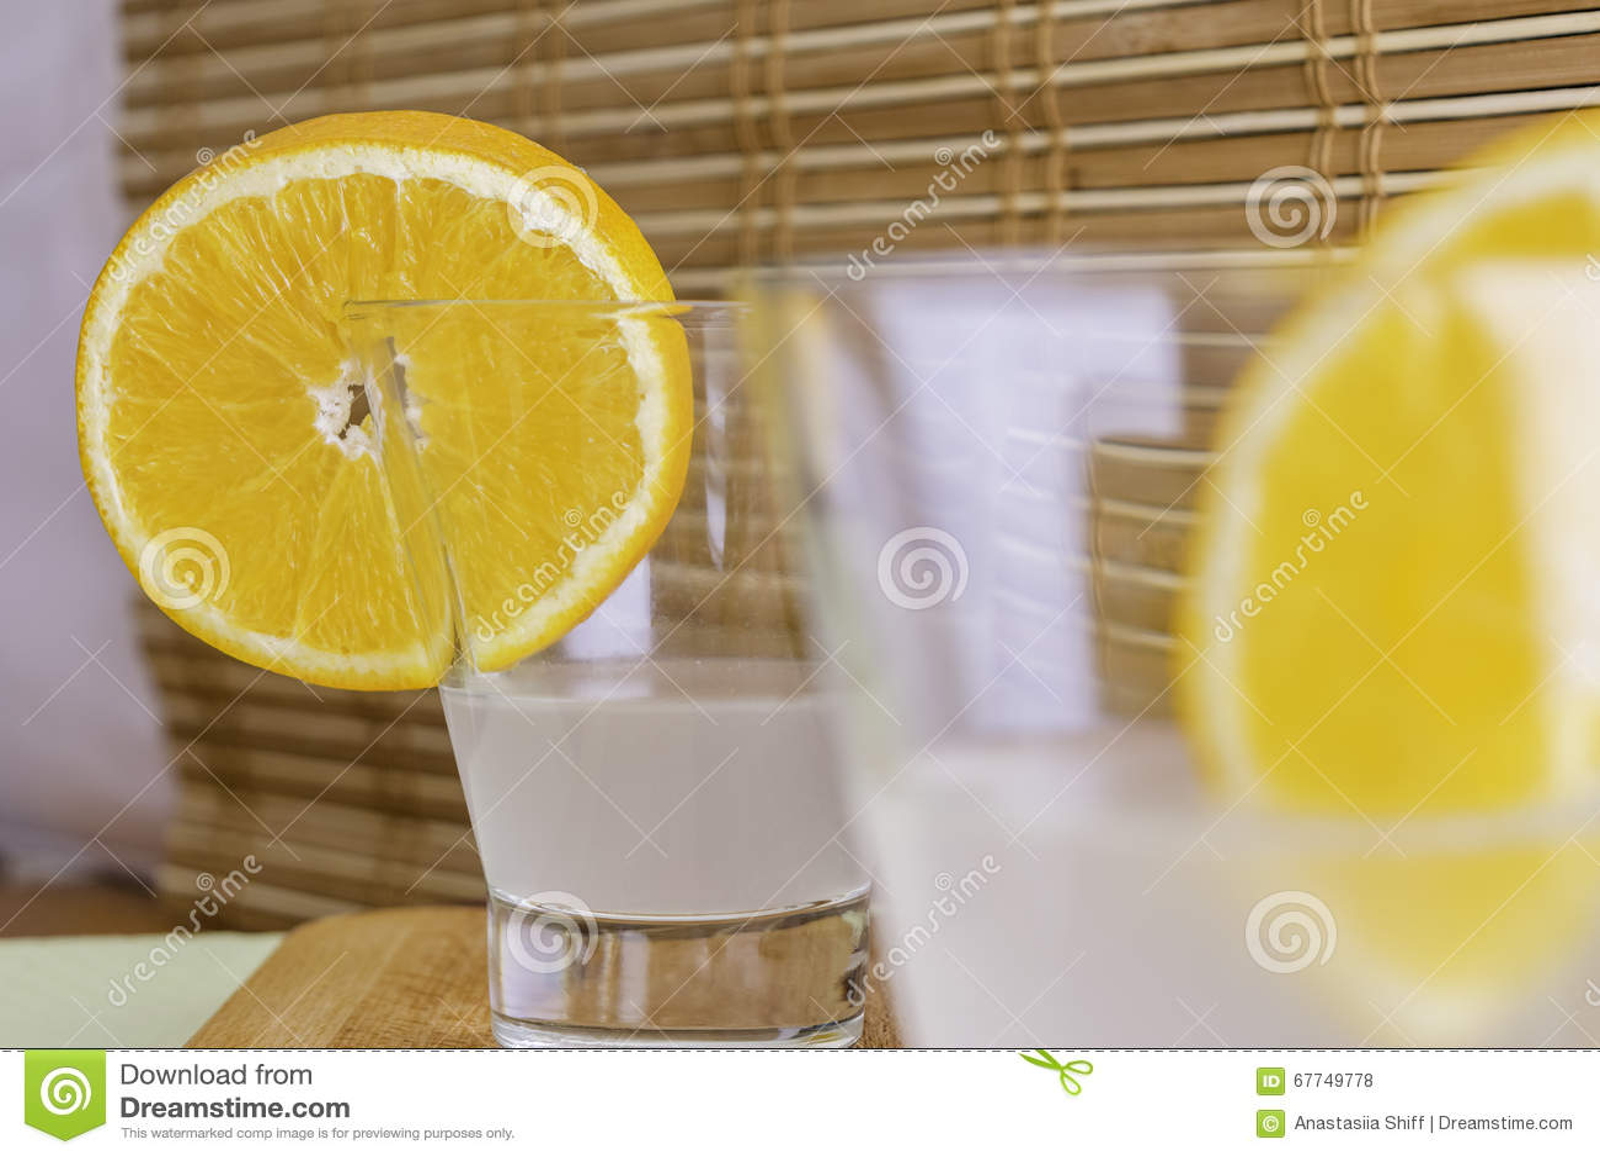 Frisches Kokosnusswasser Im Glas Verziert Mit Orange Scheiben Auf